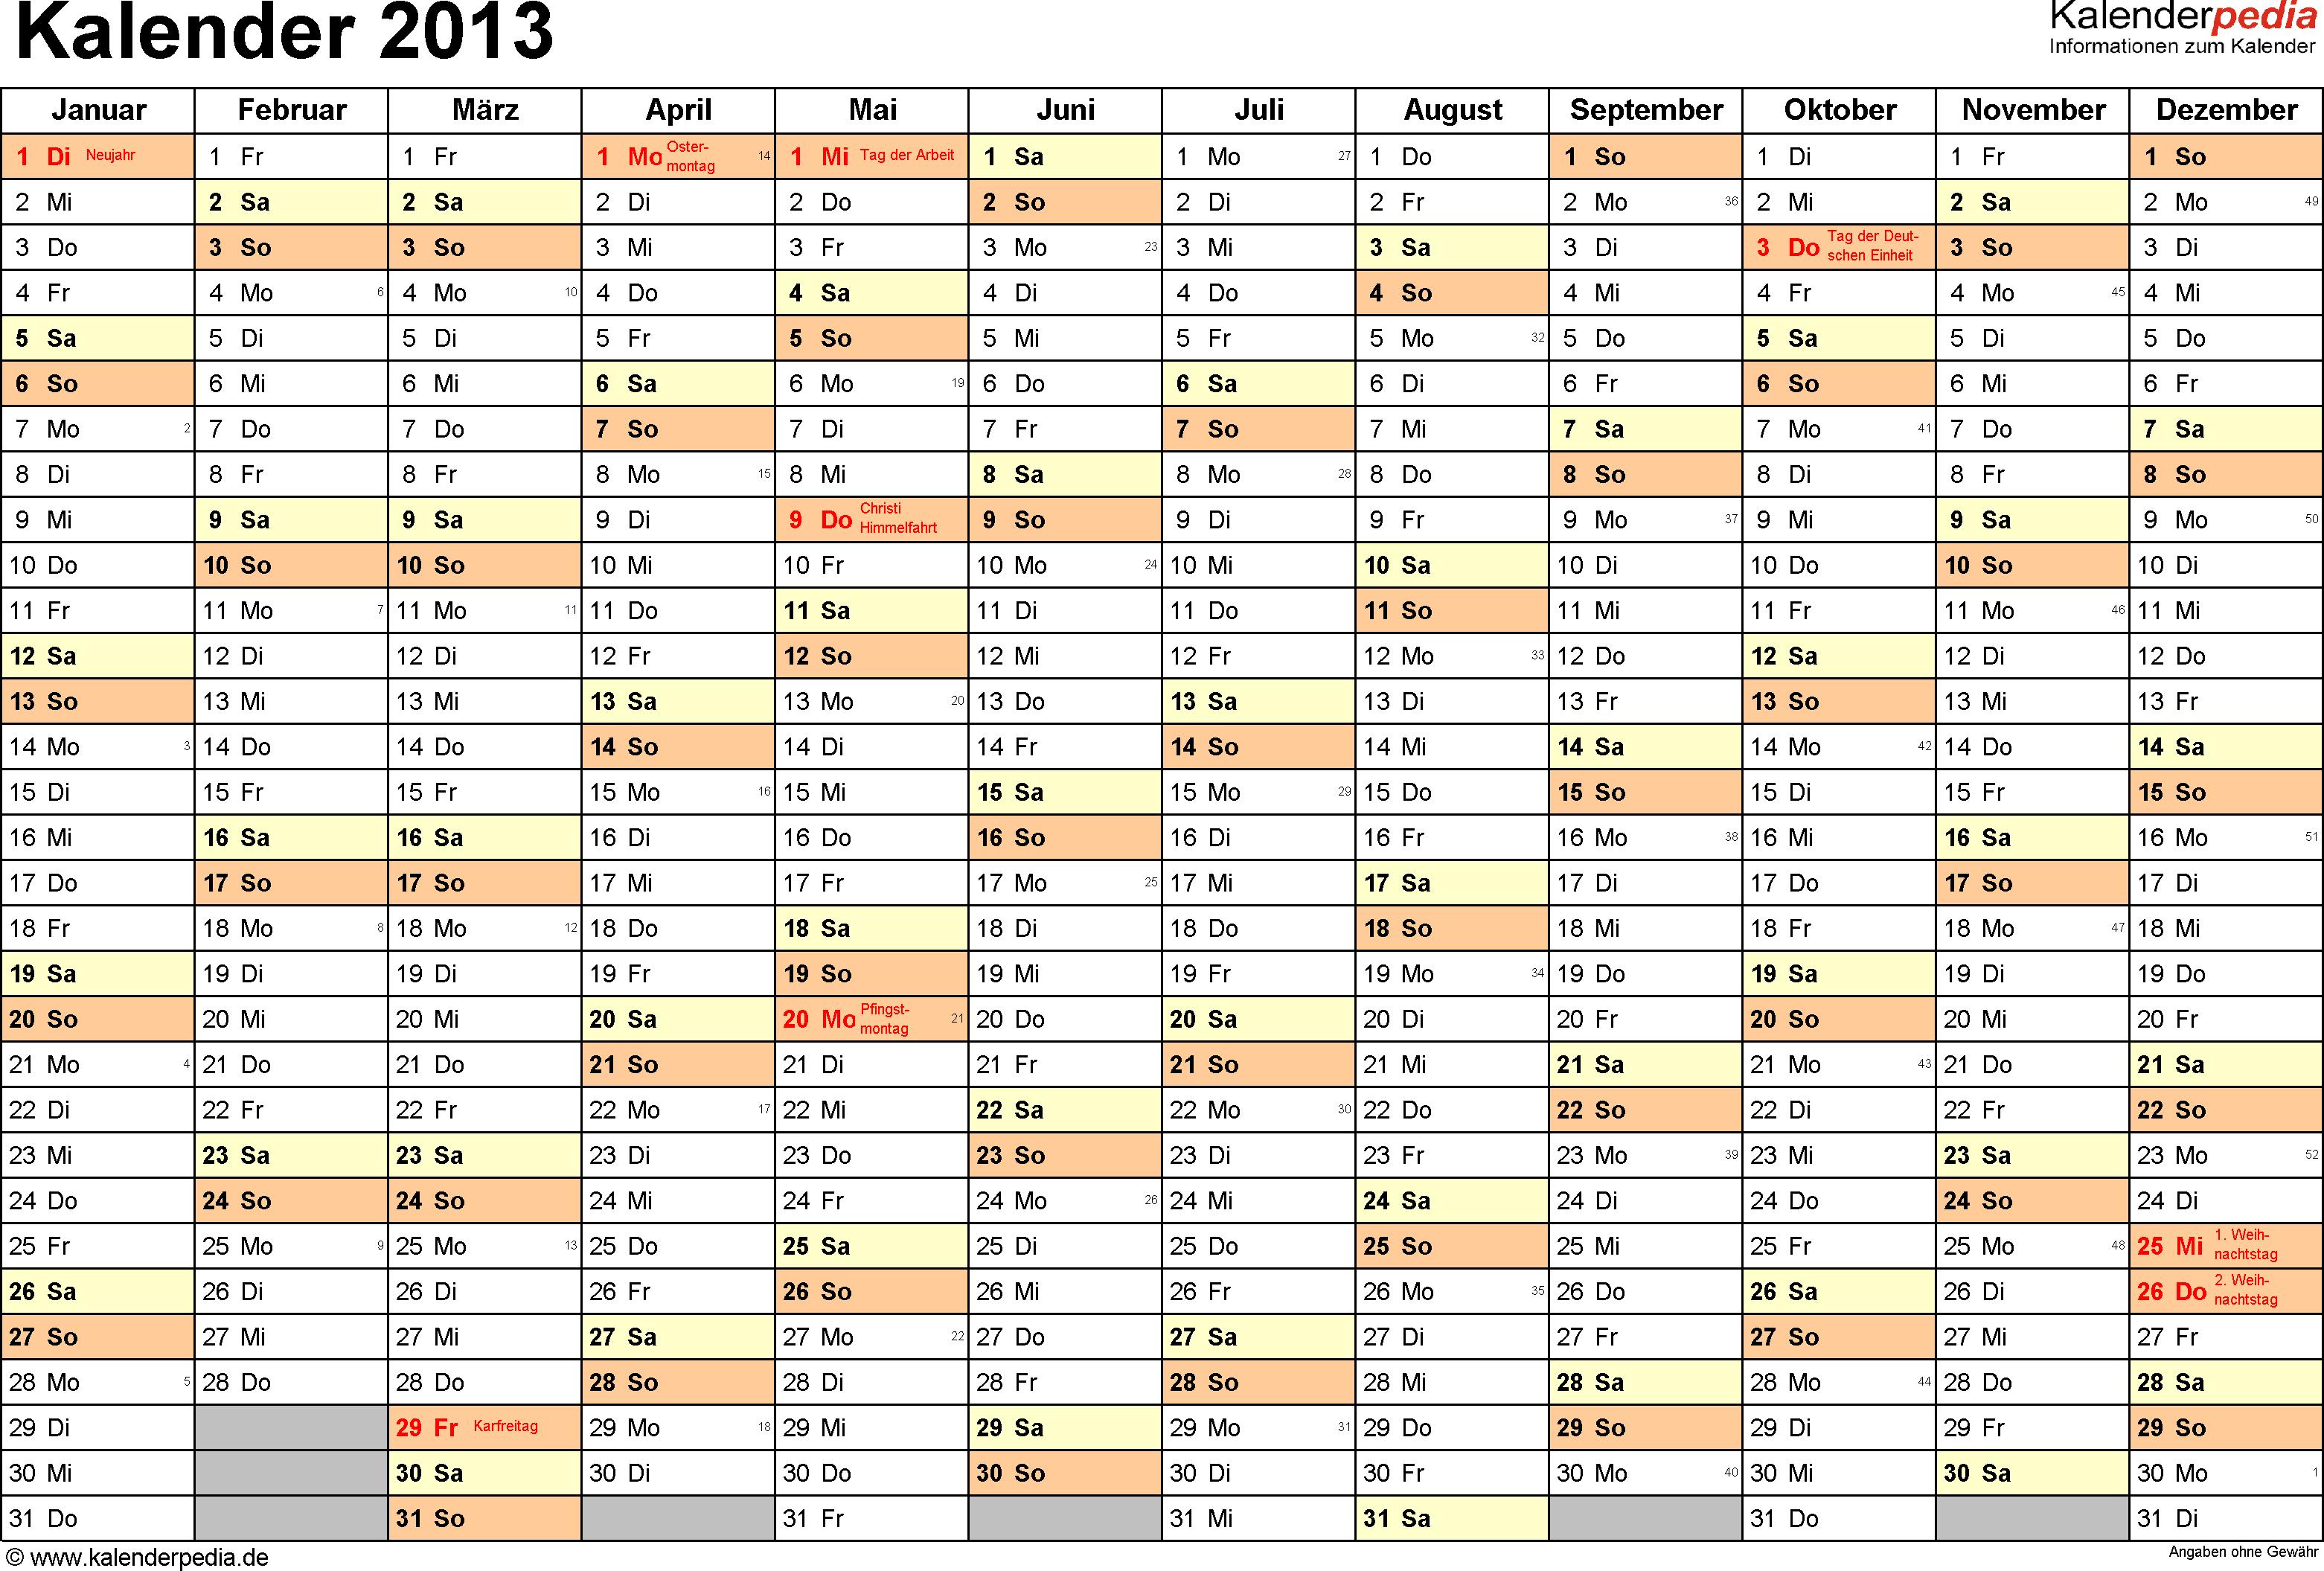 Vorlage 1: Jahreskalender 2013 als Excel-Vorlage, Querformat, DIN A4, 1 Seite, Monate nebeneinander, Tage untereinander, mit Feiertagen (ganz Deutschland) und Kalenderwochen 2013, geeignet für alle Excel-Versionen